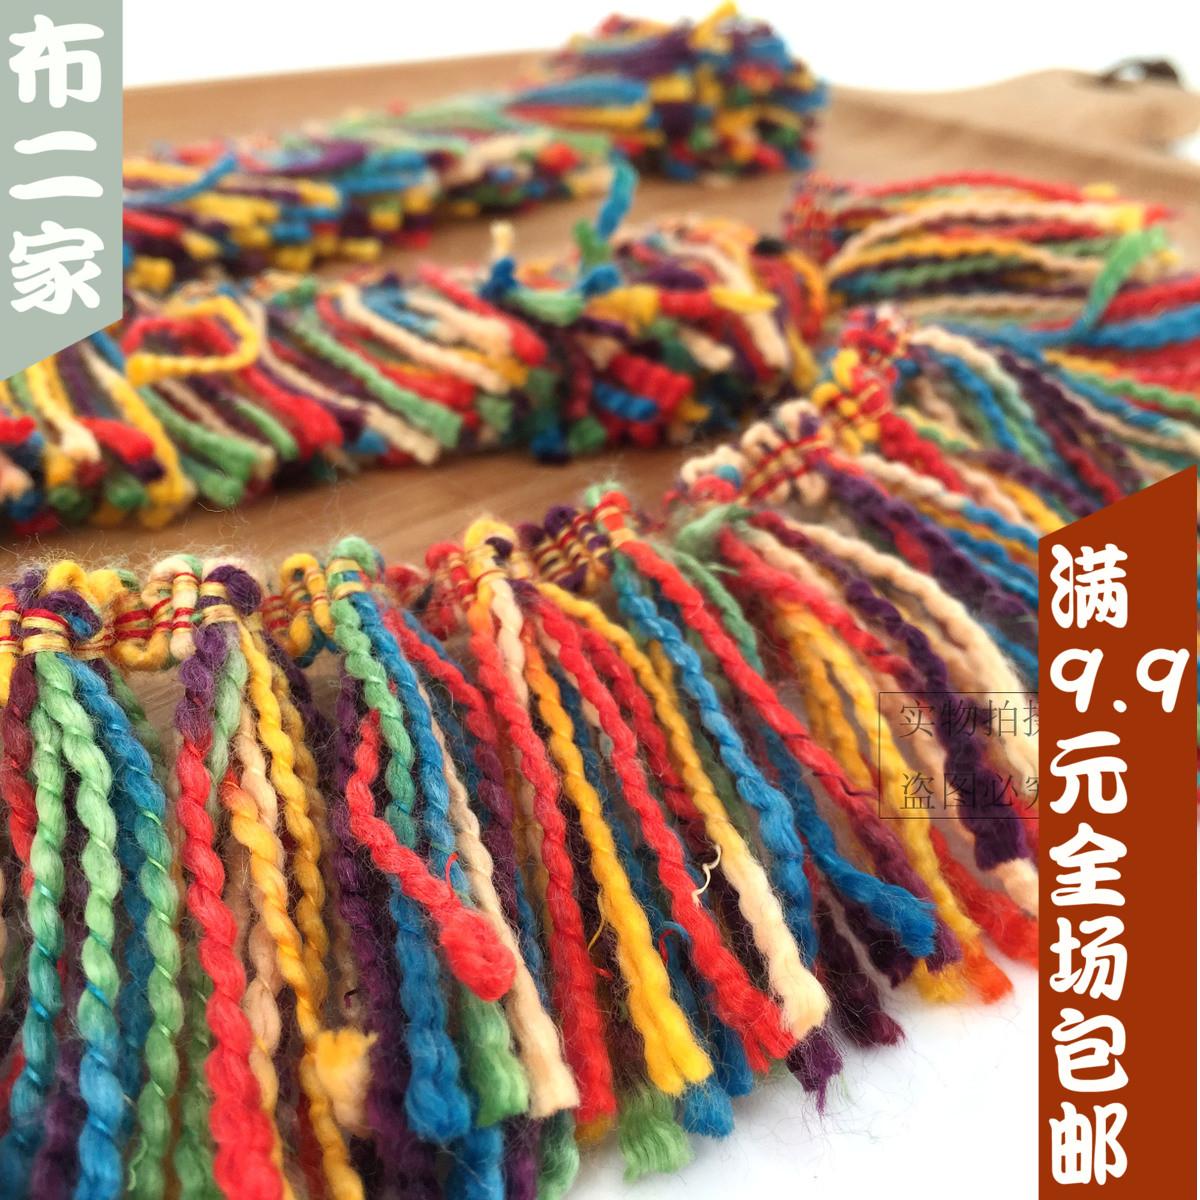 裝飾頭飾服裝民族風配飾毛線流蘇花邊排鬚蕾絲邊手工輔料織帶材料